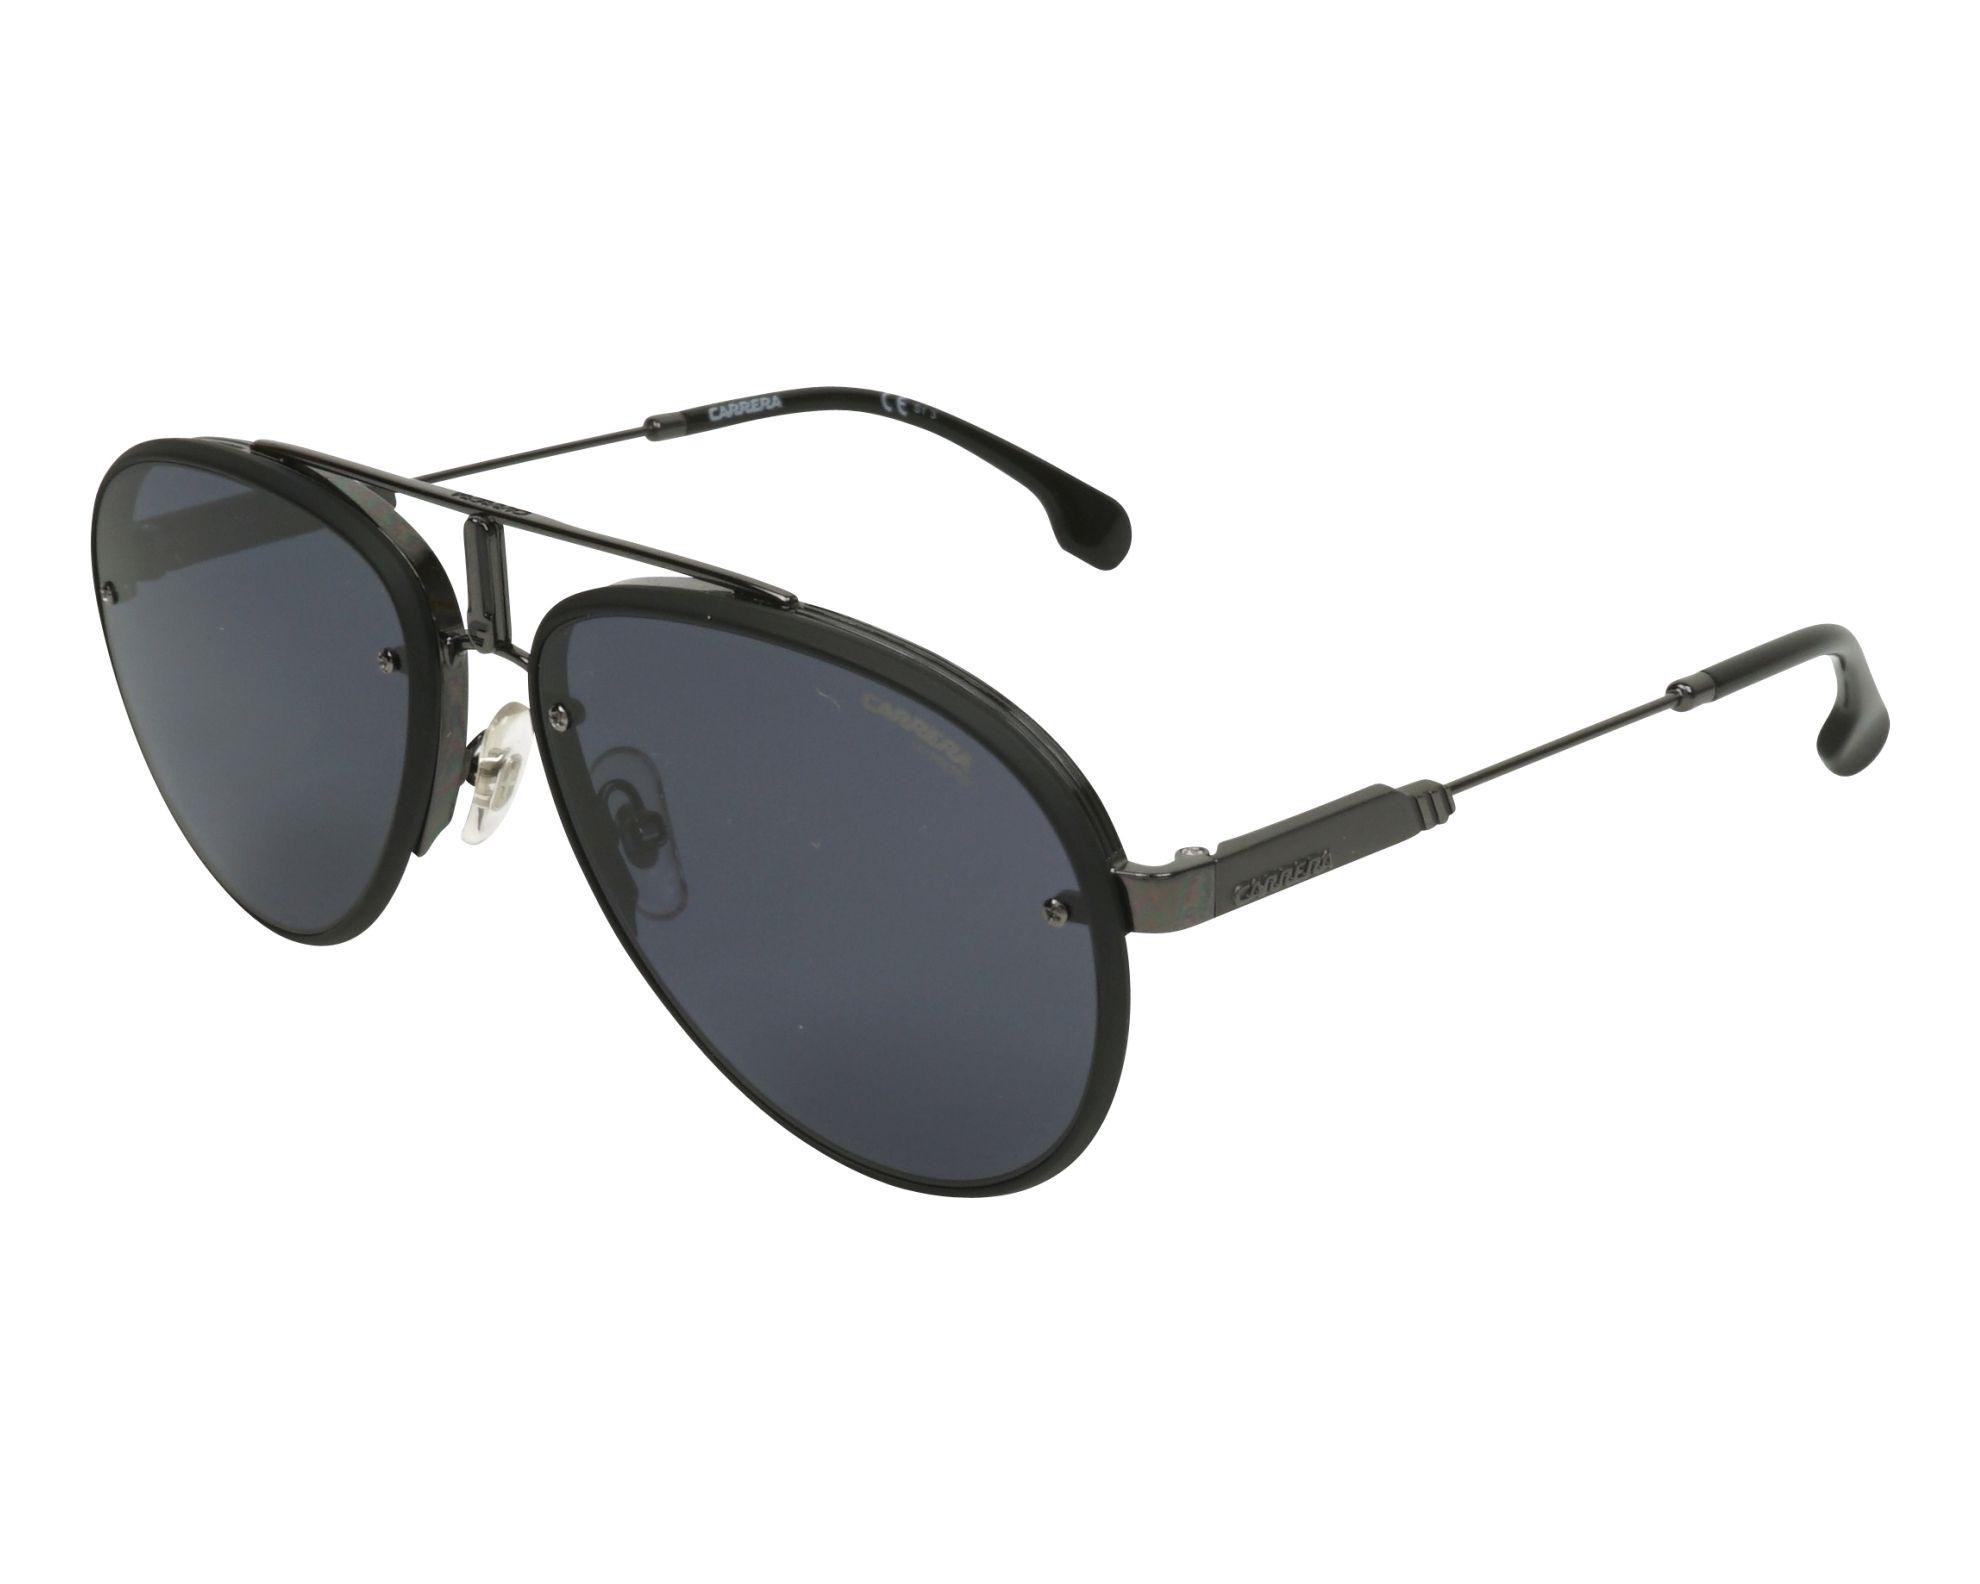 3af8ca9ada Sunglasses Carrera GLORY 003 2K 58-17 Black Gun profile view